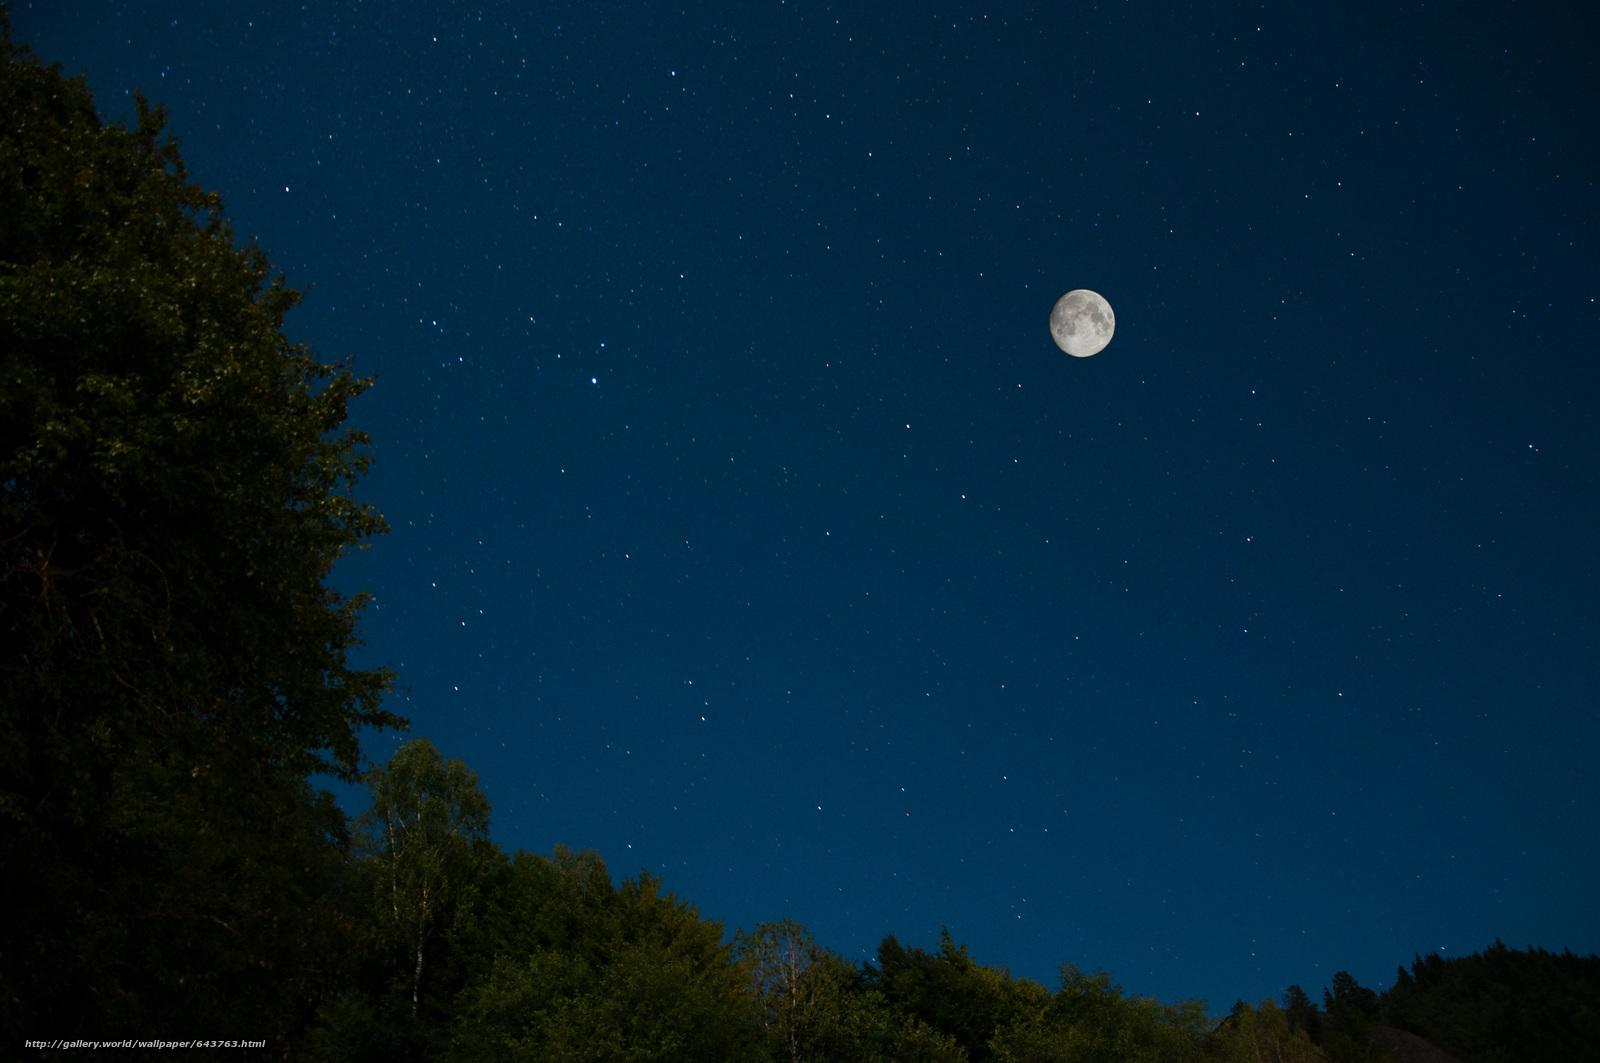 Скачать обои Звезды,  луна,  небо,  природа бесплатно для рабочего стола в разрешении 4288x2848 — картинка №643763